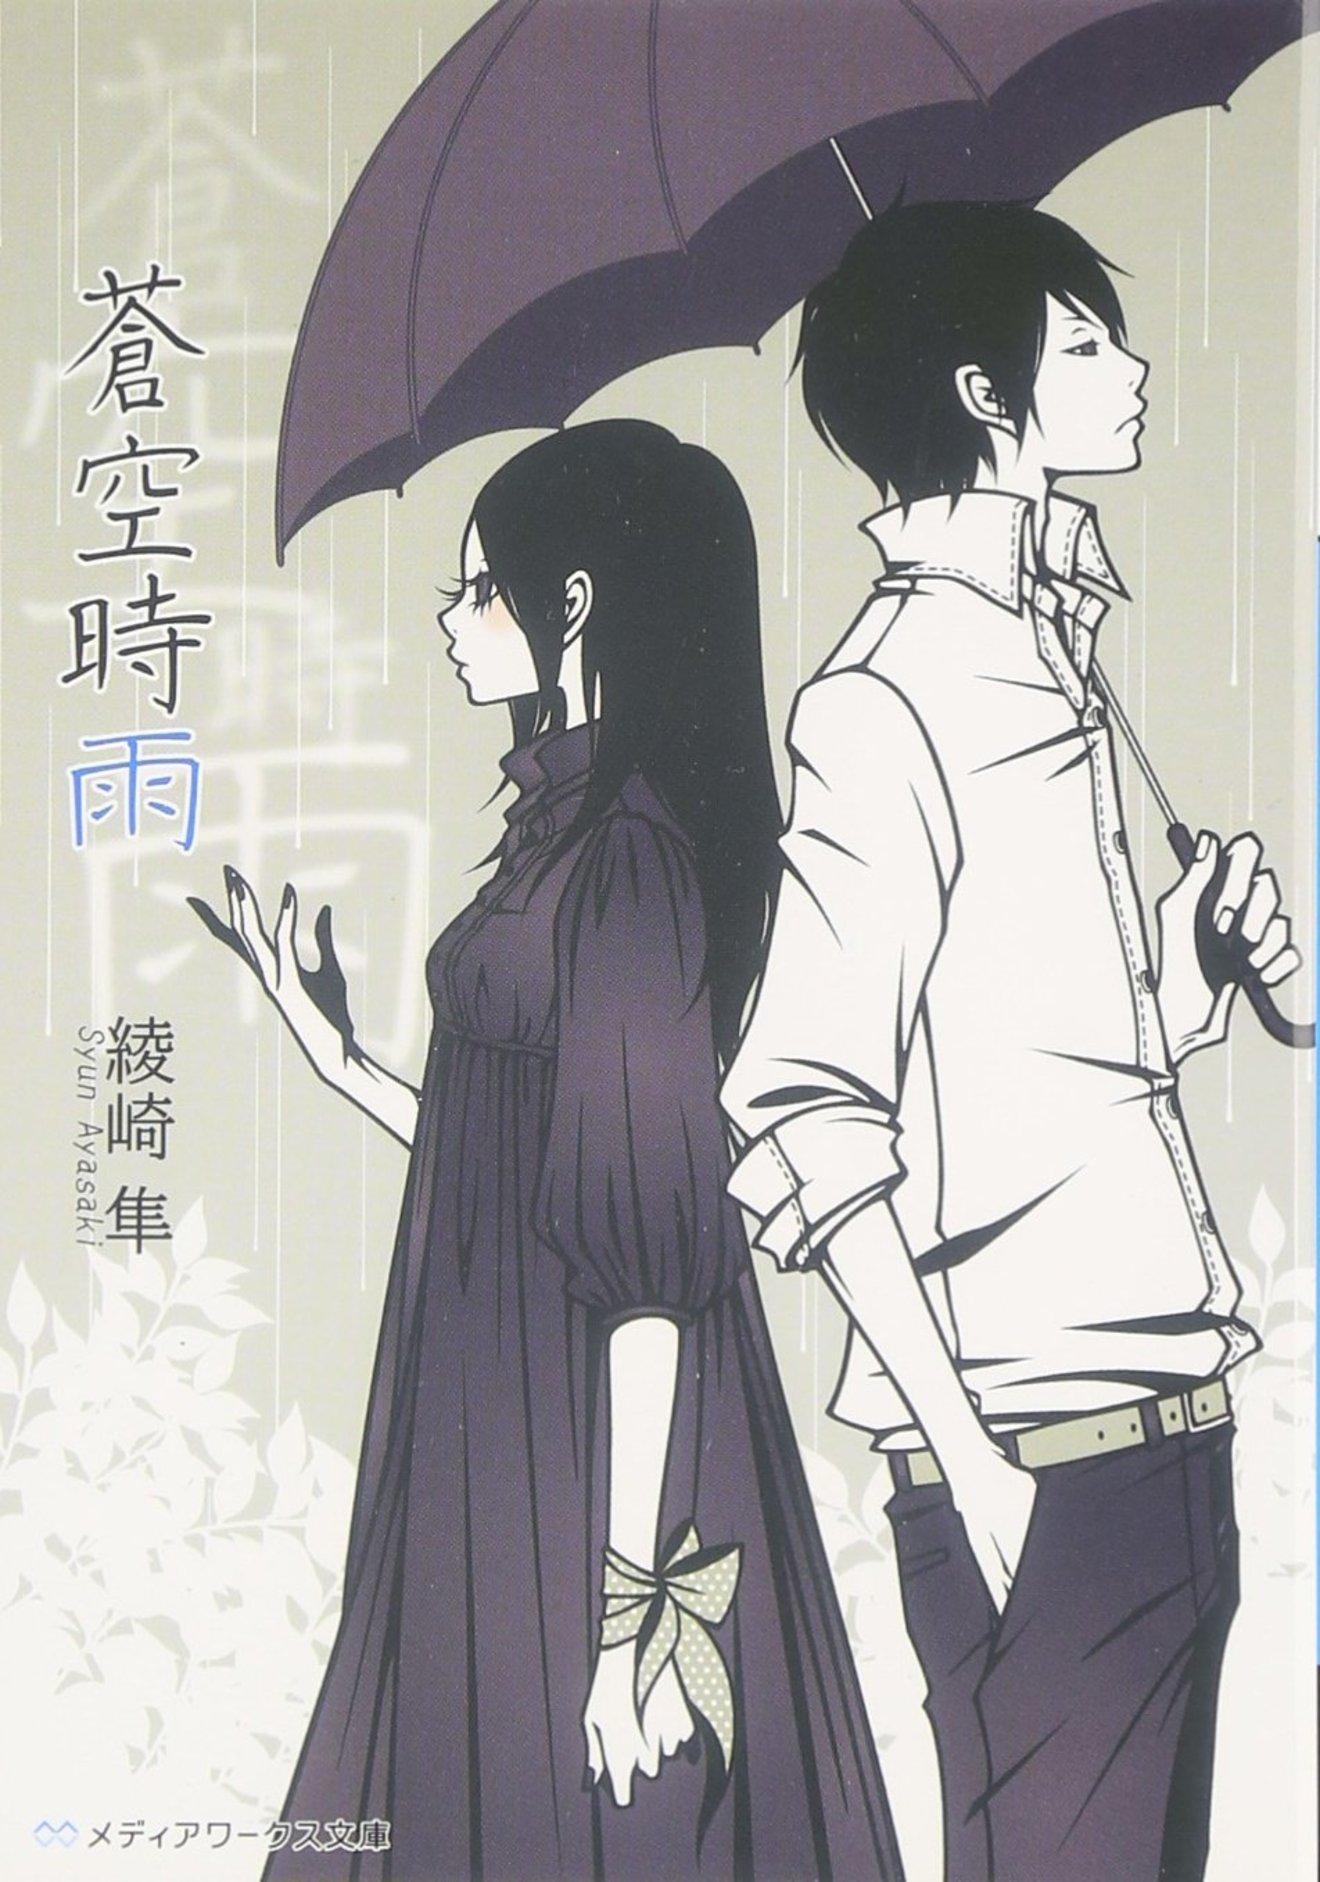 綾崎隼のおすすめ小説5選!心あたたまる本は好きですか?